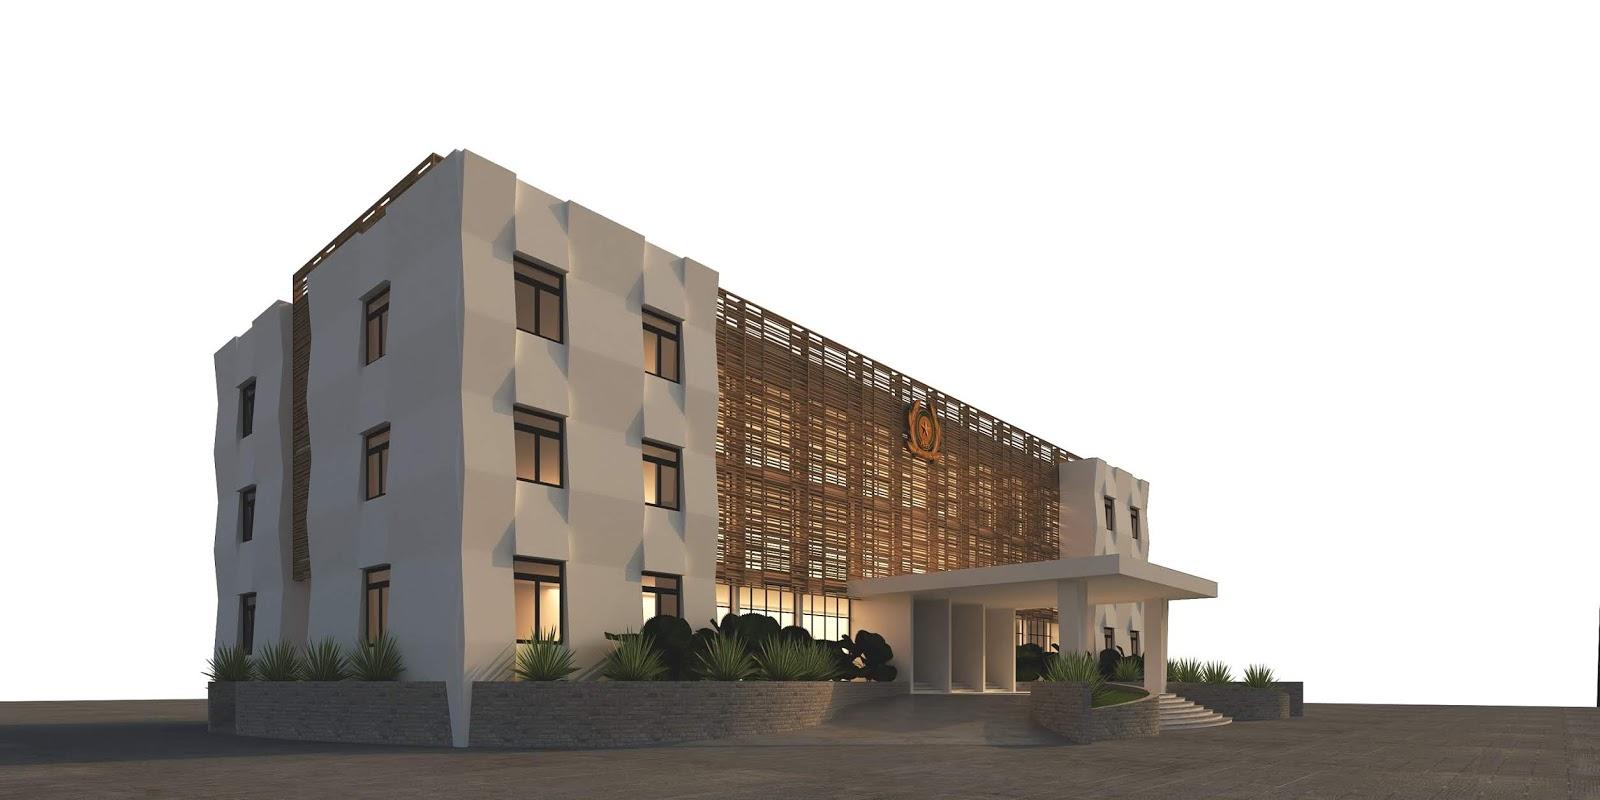 mô hình 3d trụ sở làm việc cơ quan nhà nước